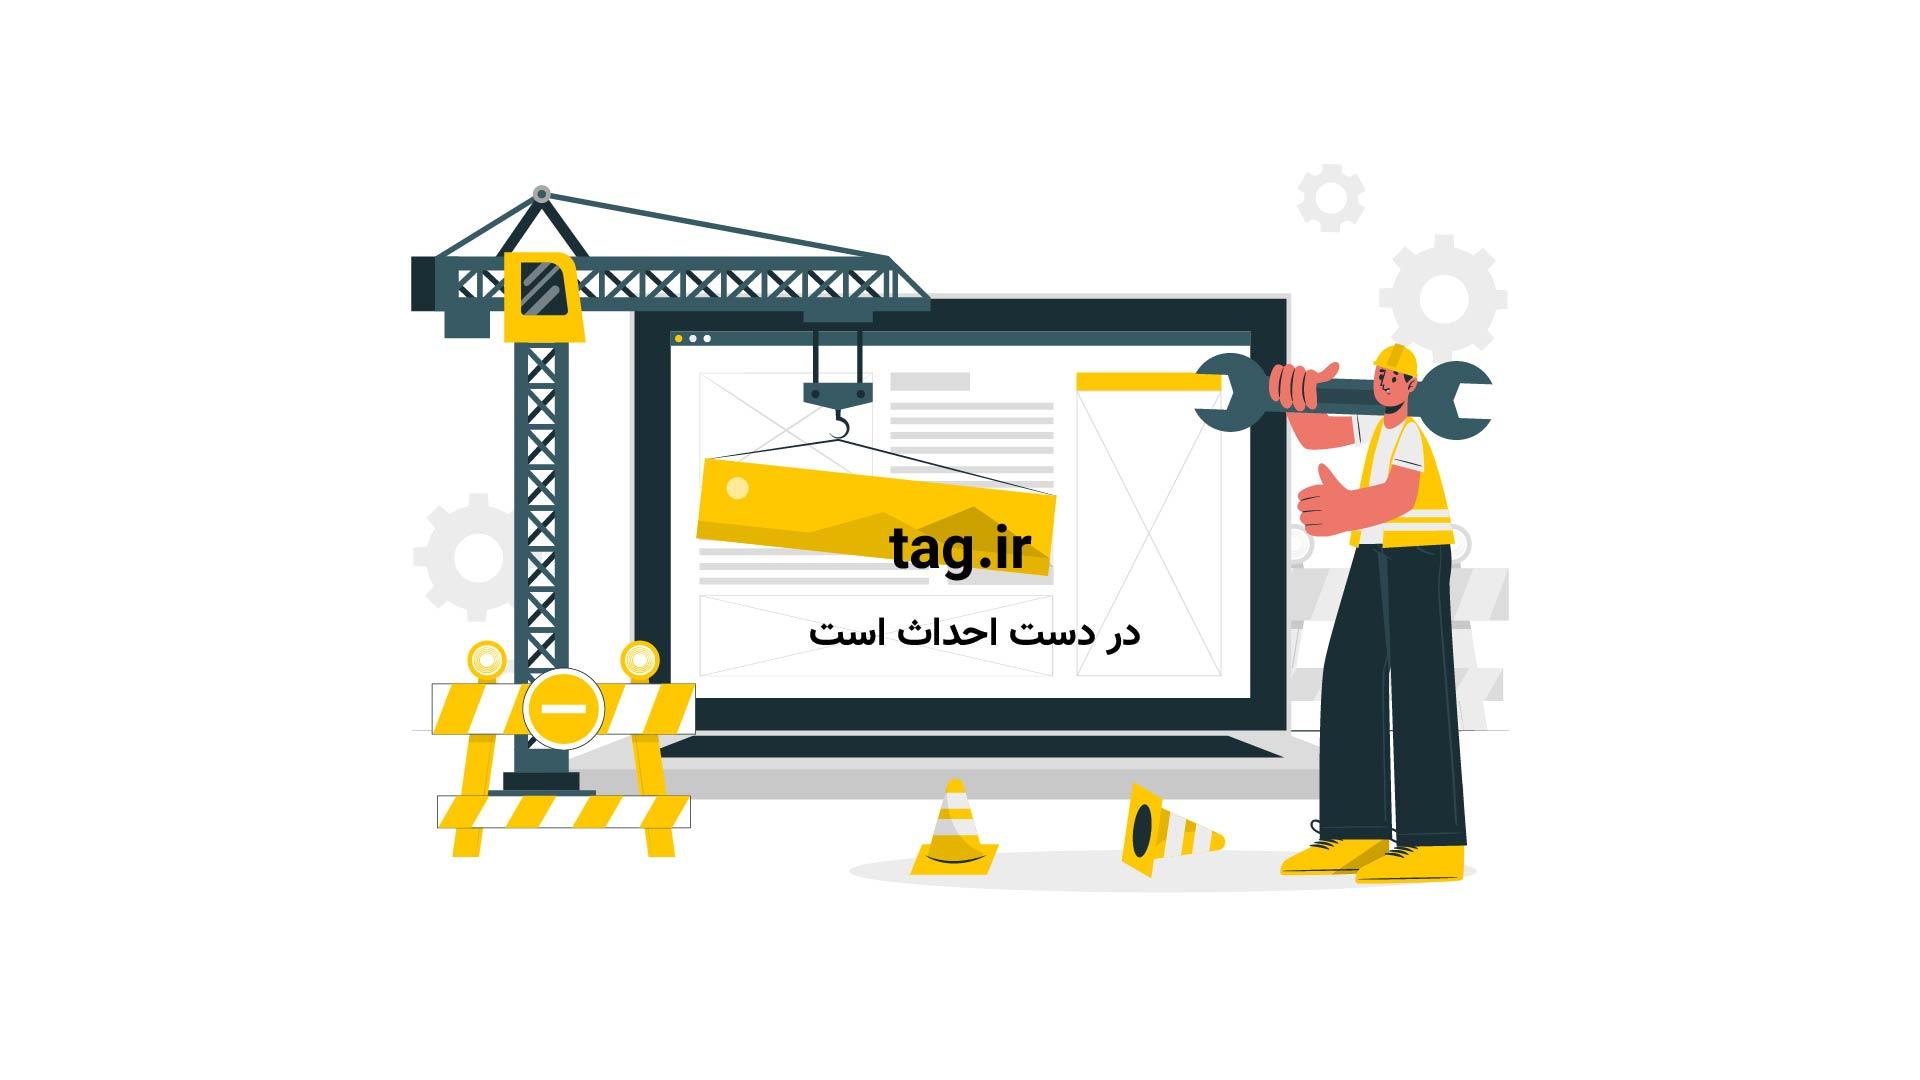 ابقای محسن هاشمی برای سومین سال در جایگاه ریاست شورای شهر تهران | فیلم